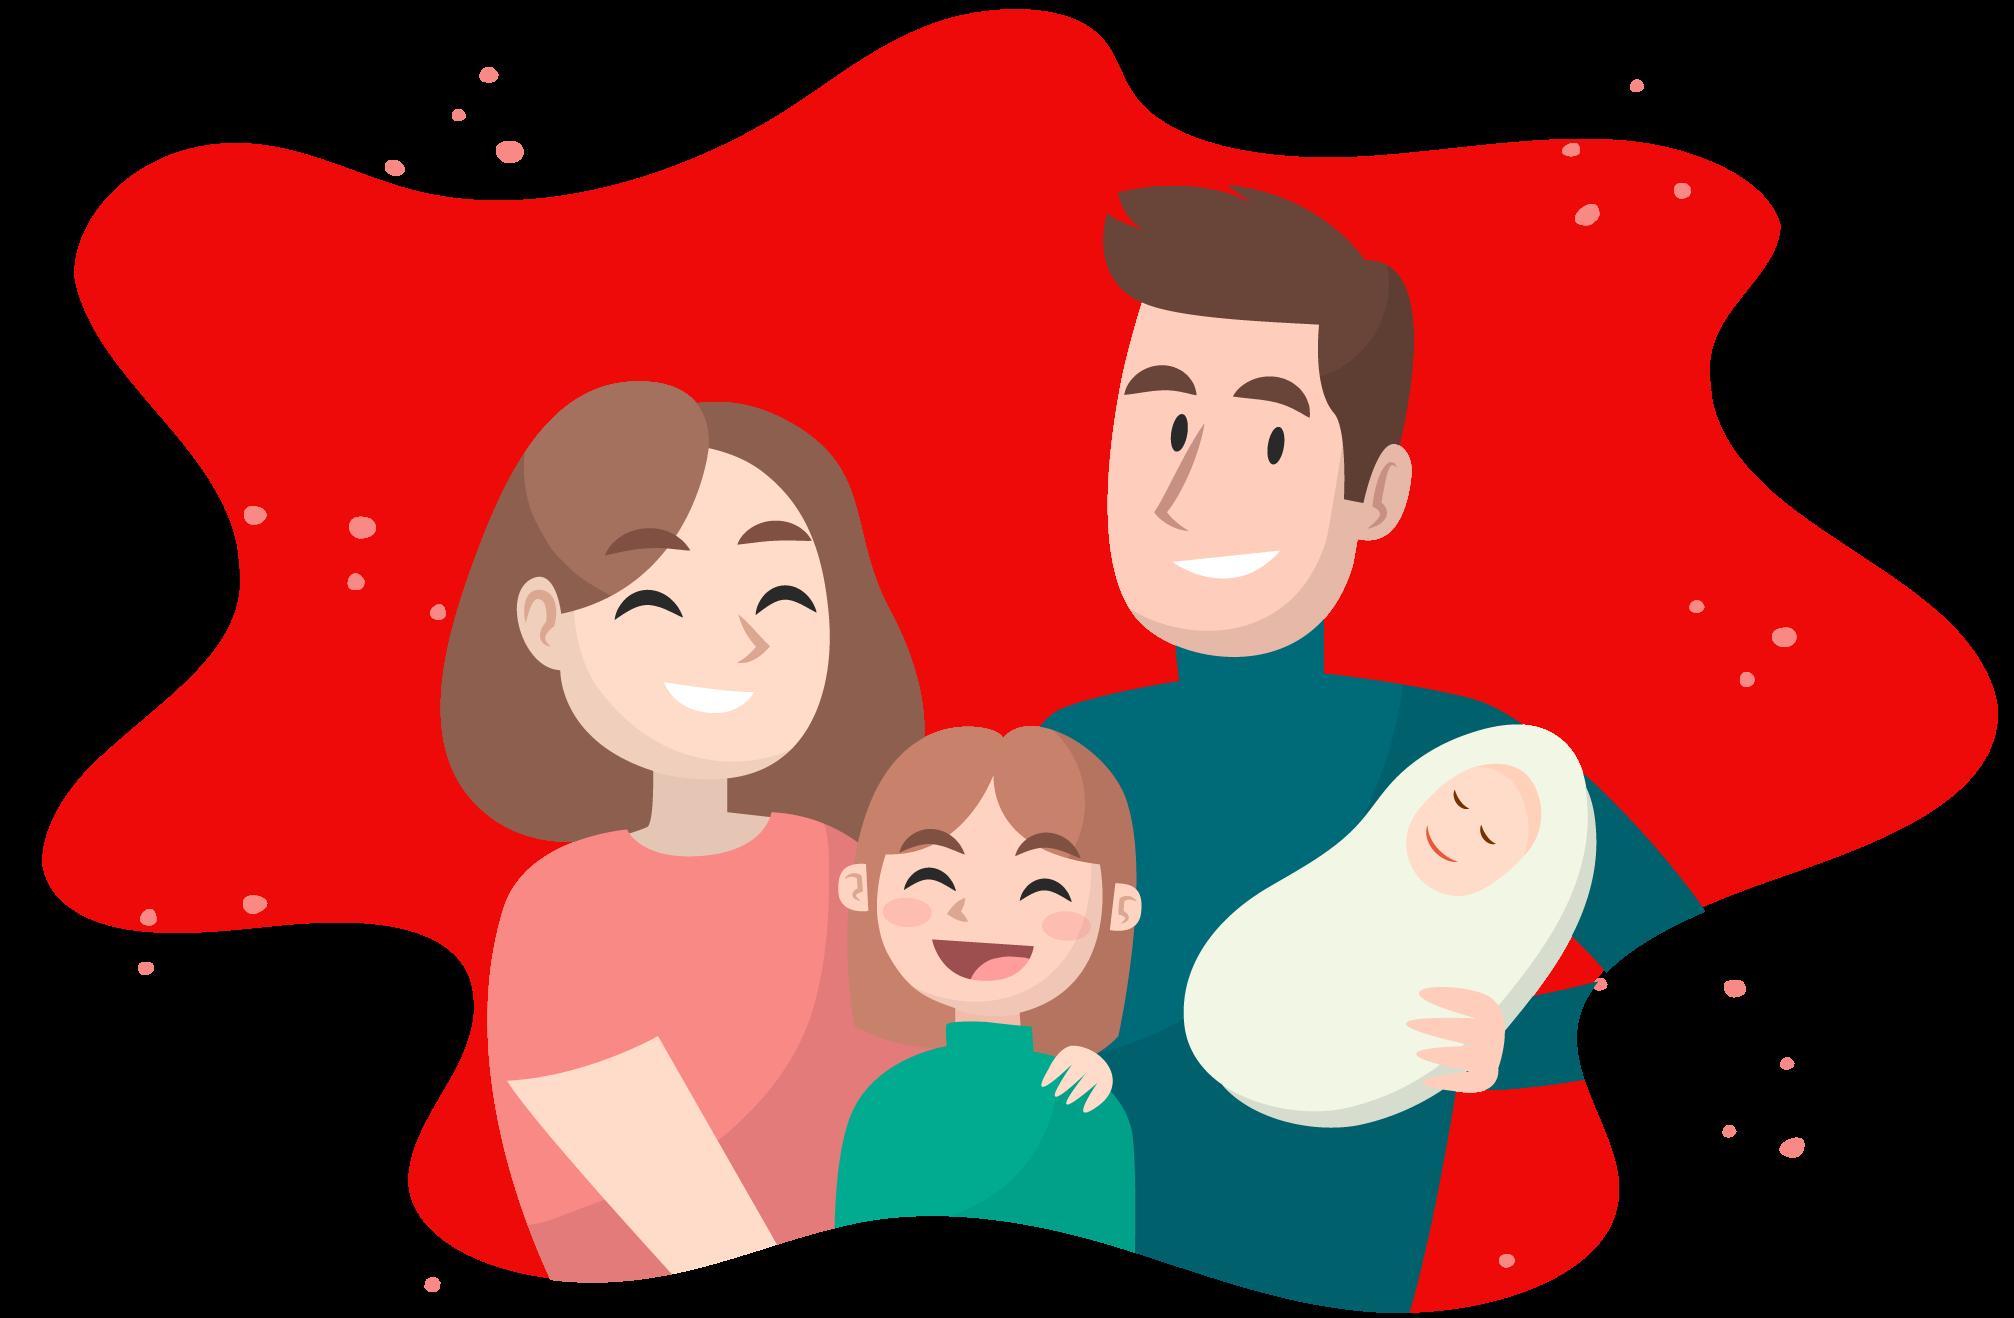 gubernator family